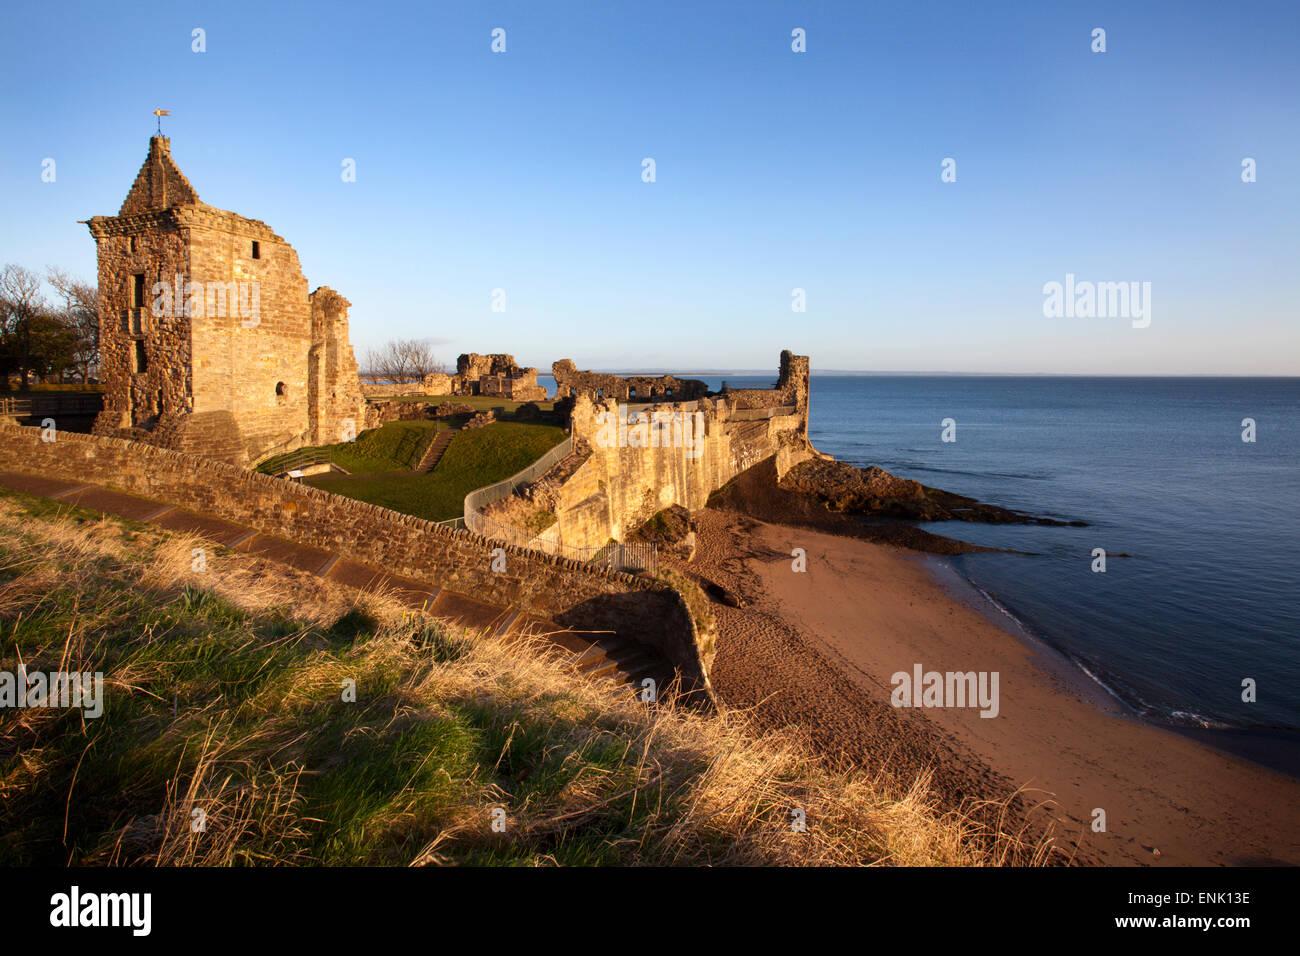 St Andrews Castle et Château de sables bitumineux les scores au lever du soleil, Fife, Scotland, Royaume-Uni, Photo Stock